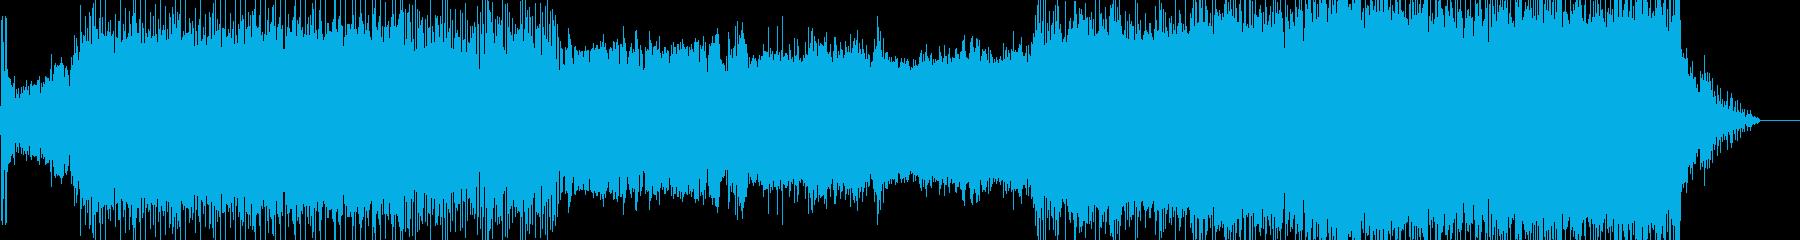 映像のためのテクノ風音楽ー機械の夢の再生済みの波形